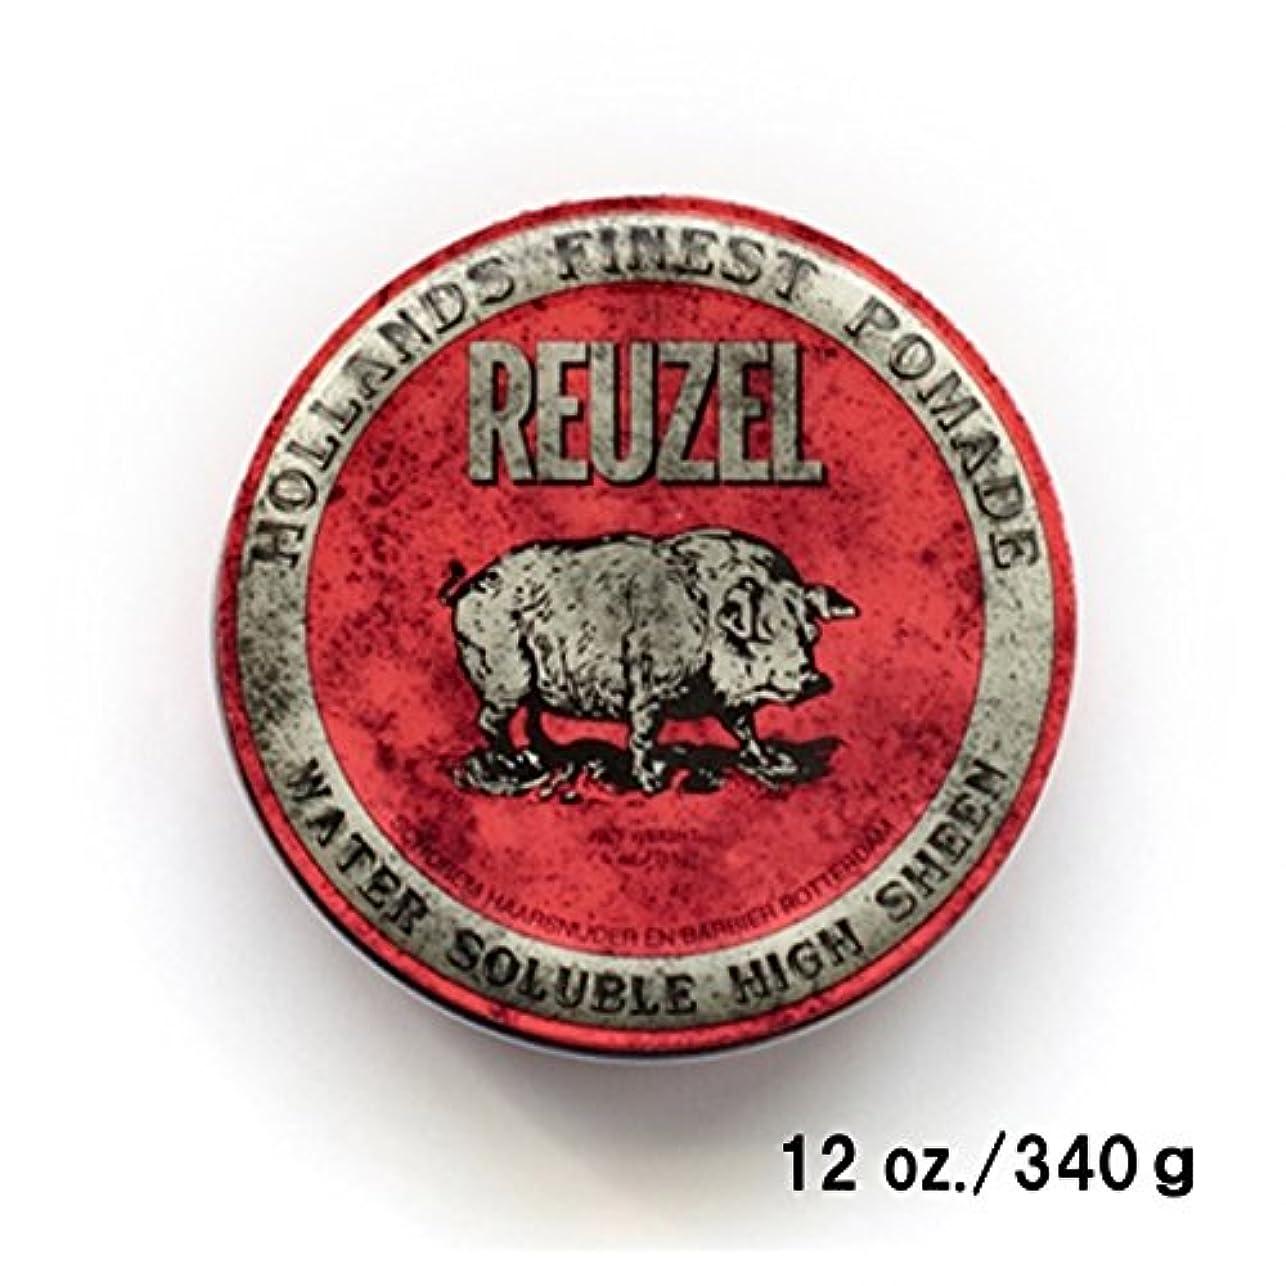 立場することになっている店員REUZEL ルーゾーポマード 12oz.-340g REUZEL HIGH SHEEN/RED (水性)<水溶性: ノーマルホールド>